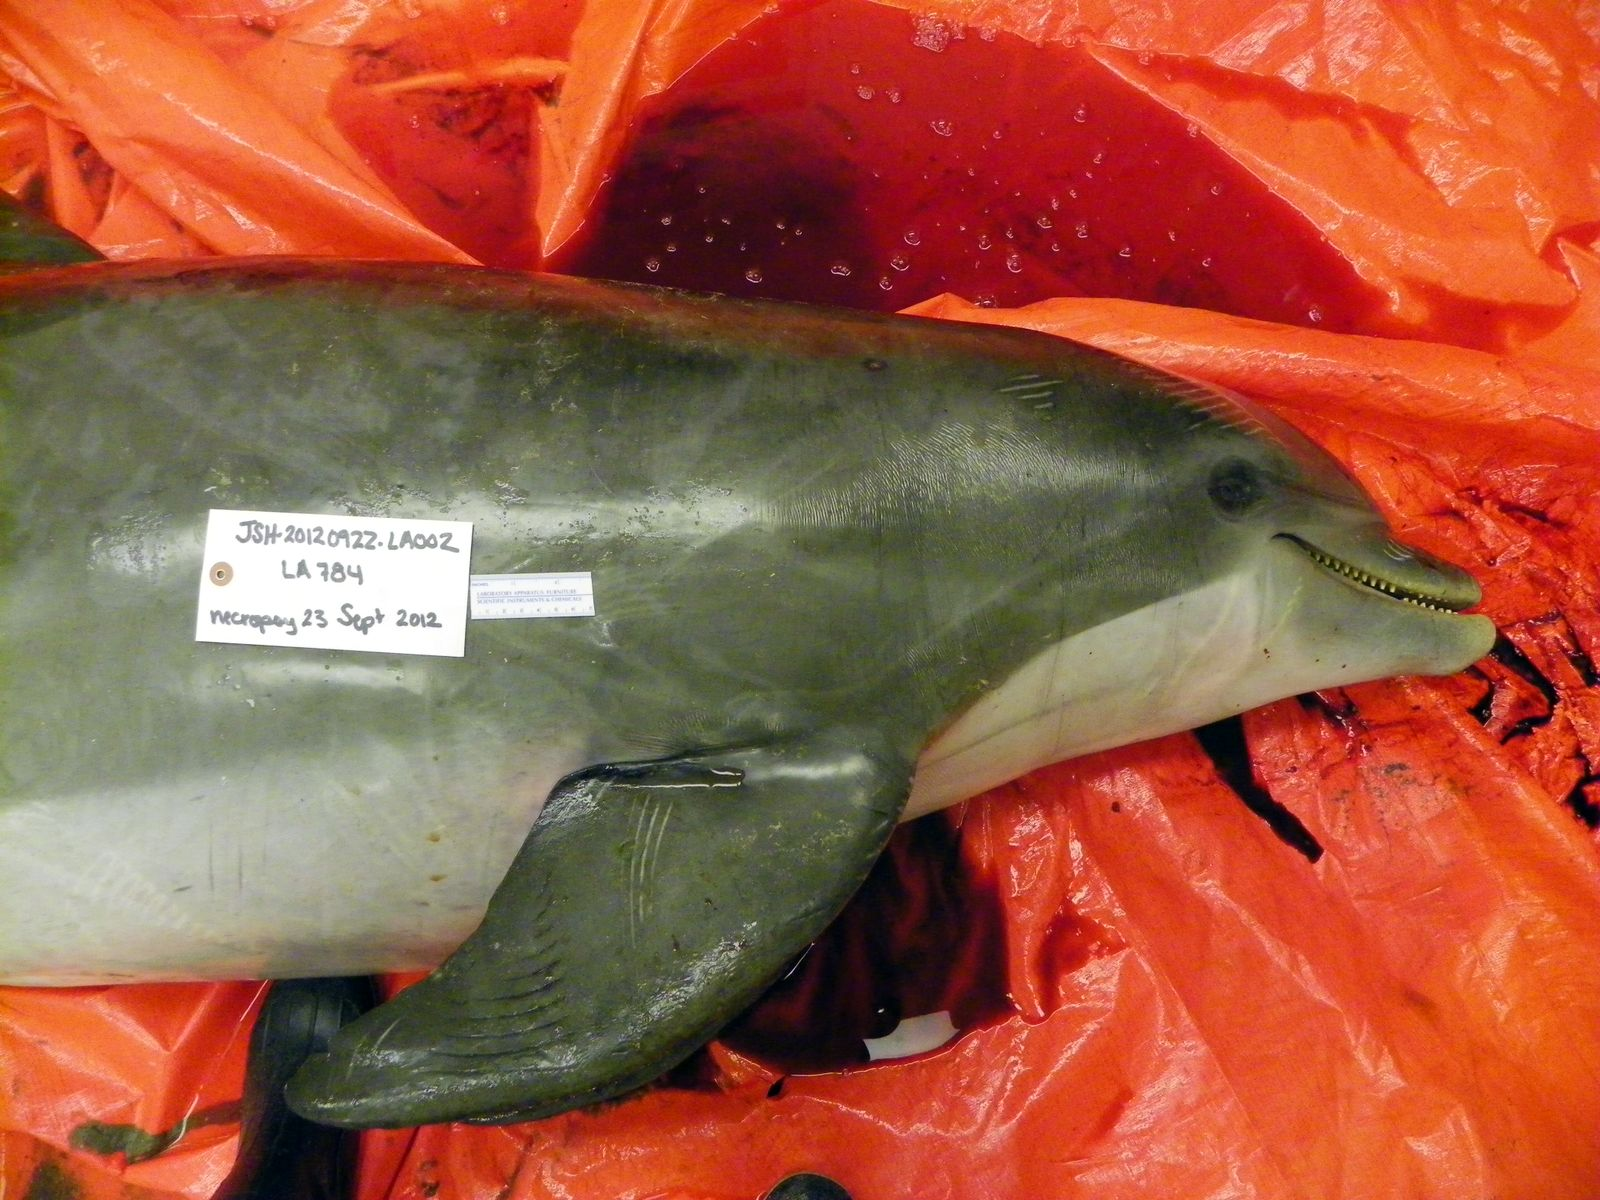 Louisiana/ erschossene Delfine